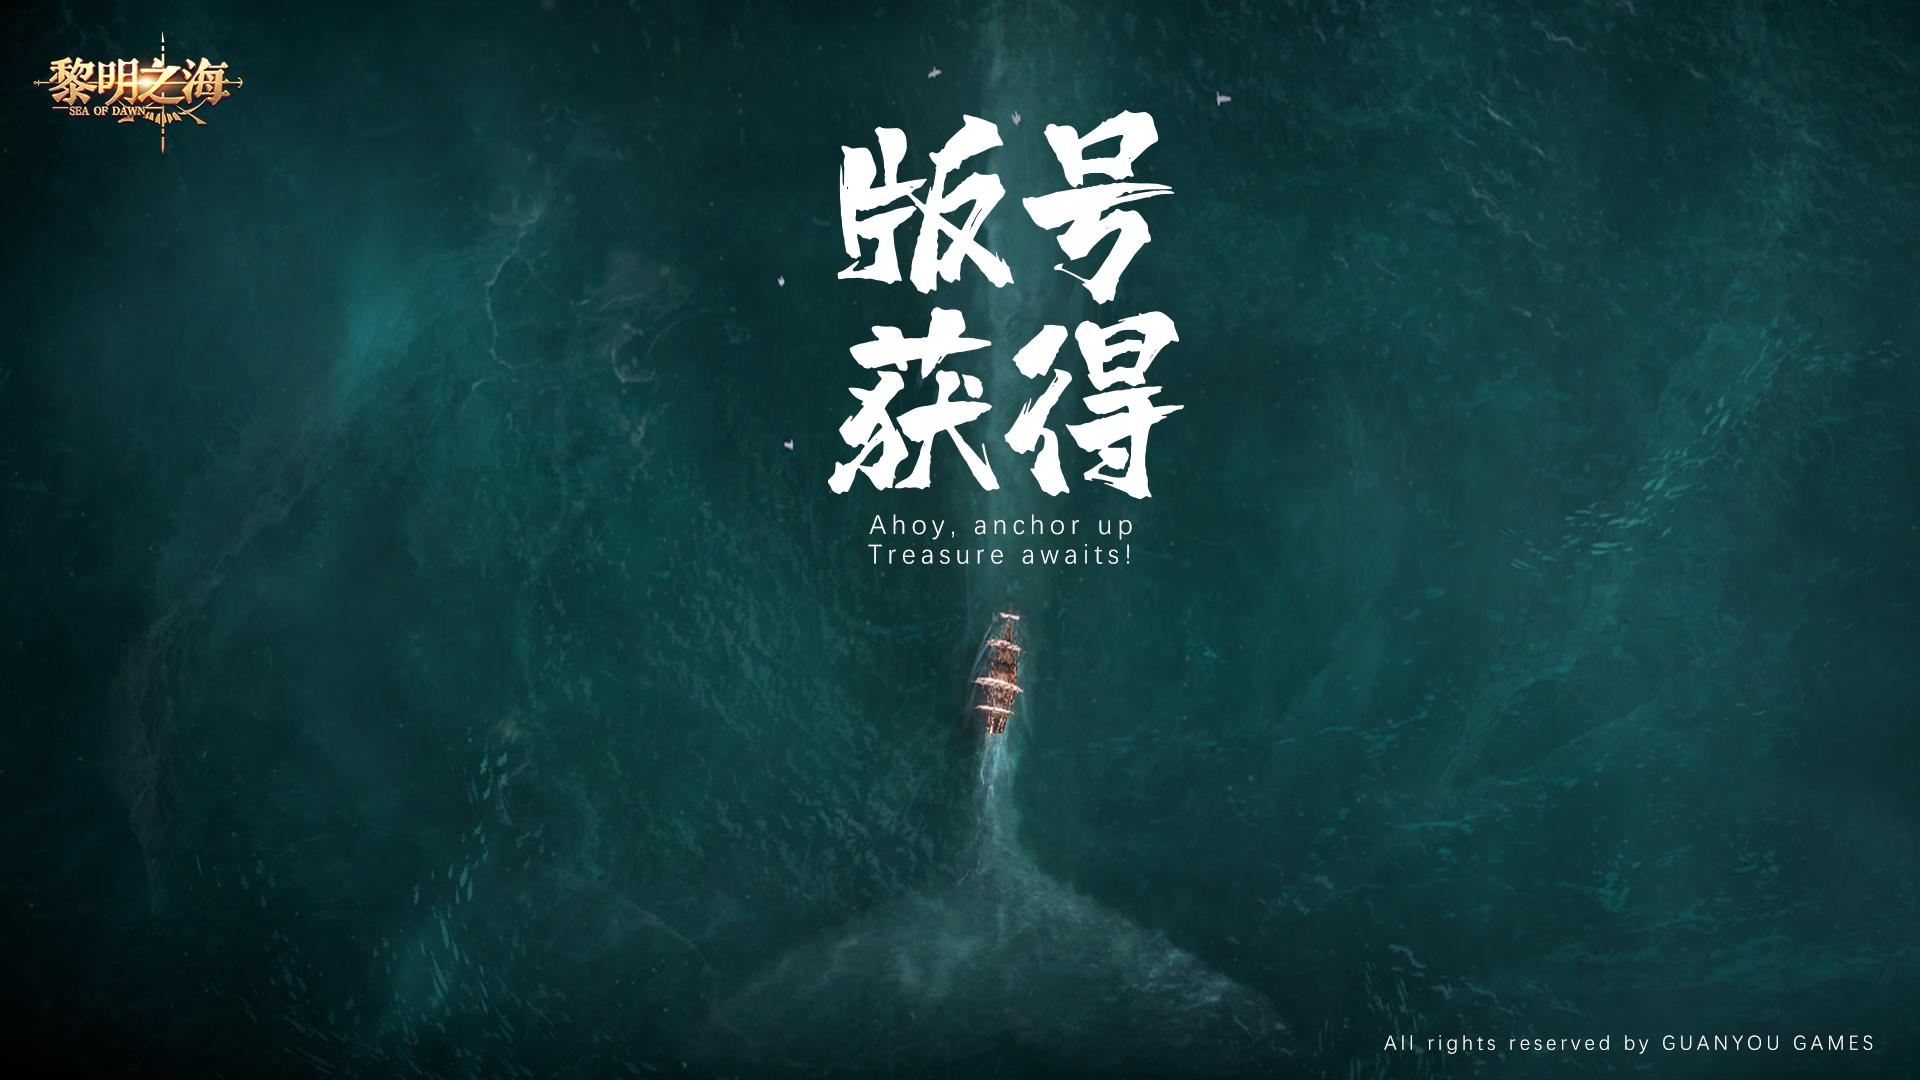 高自由度MMO手游《黎明之海》喜提版号